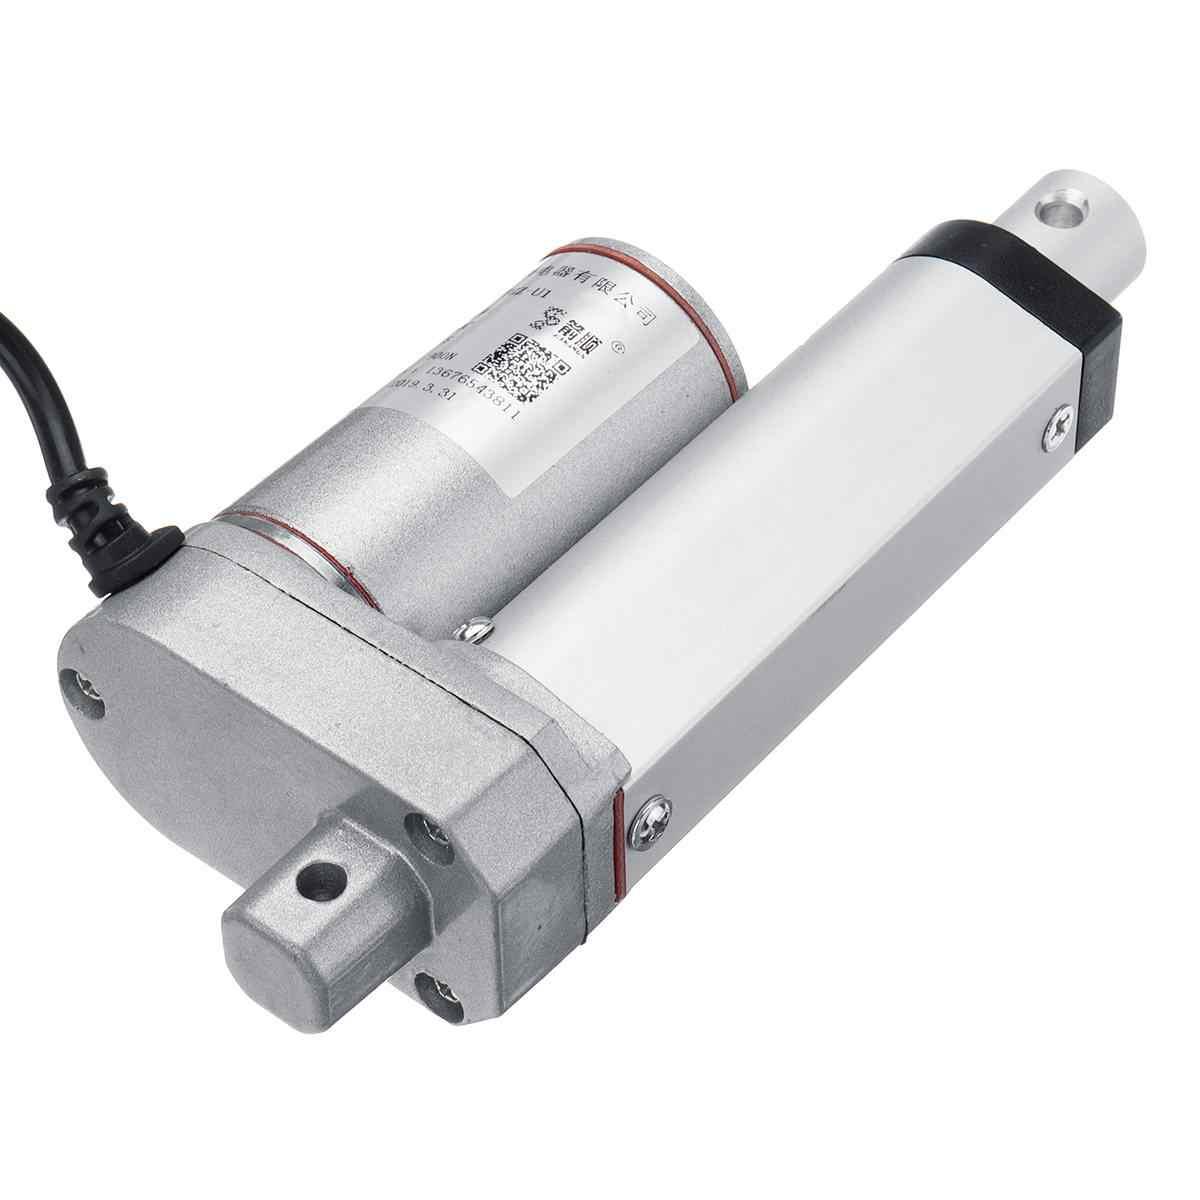 جديد 2 4 8 12 16 20 بوصة 900N 12 فولت 16 مللي متر/ثانية صغيرة تيار مستمر الكهربائية دفع قضيب أبيض مادة سبائك الألومنيوم محرك ميكانيكي طولي